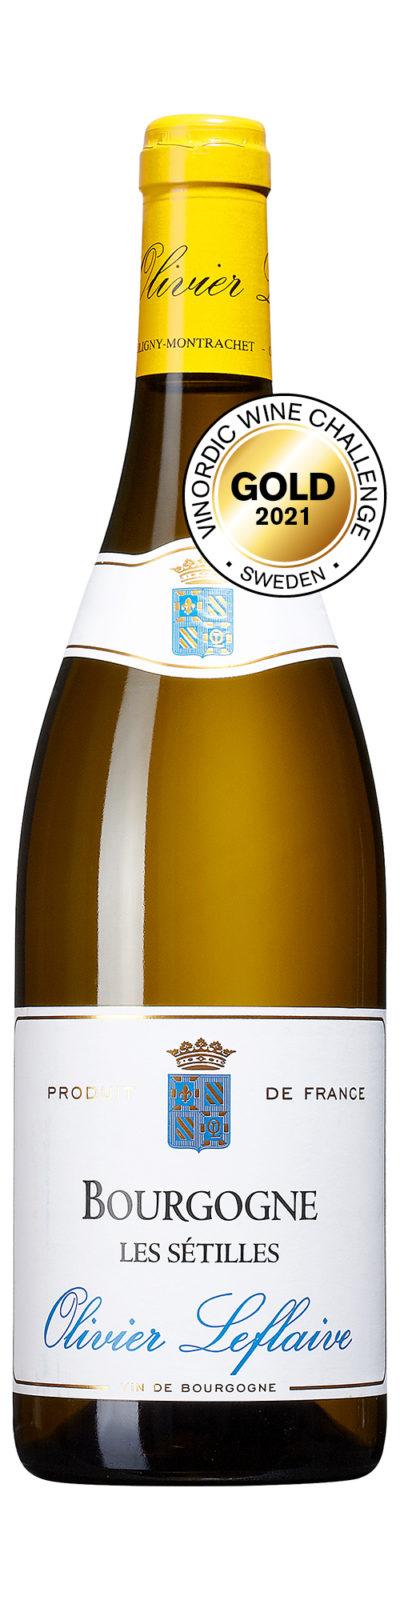 Leflaive Bourgogne Blanc Les Sétilles